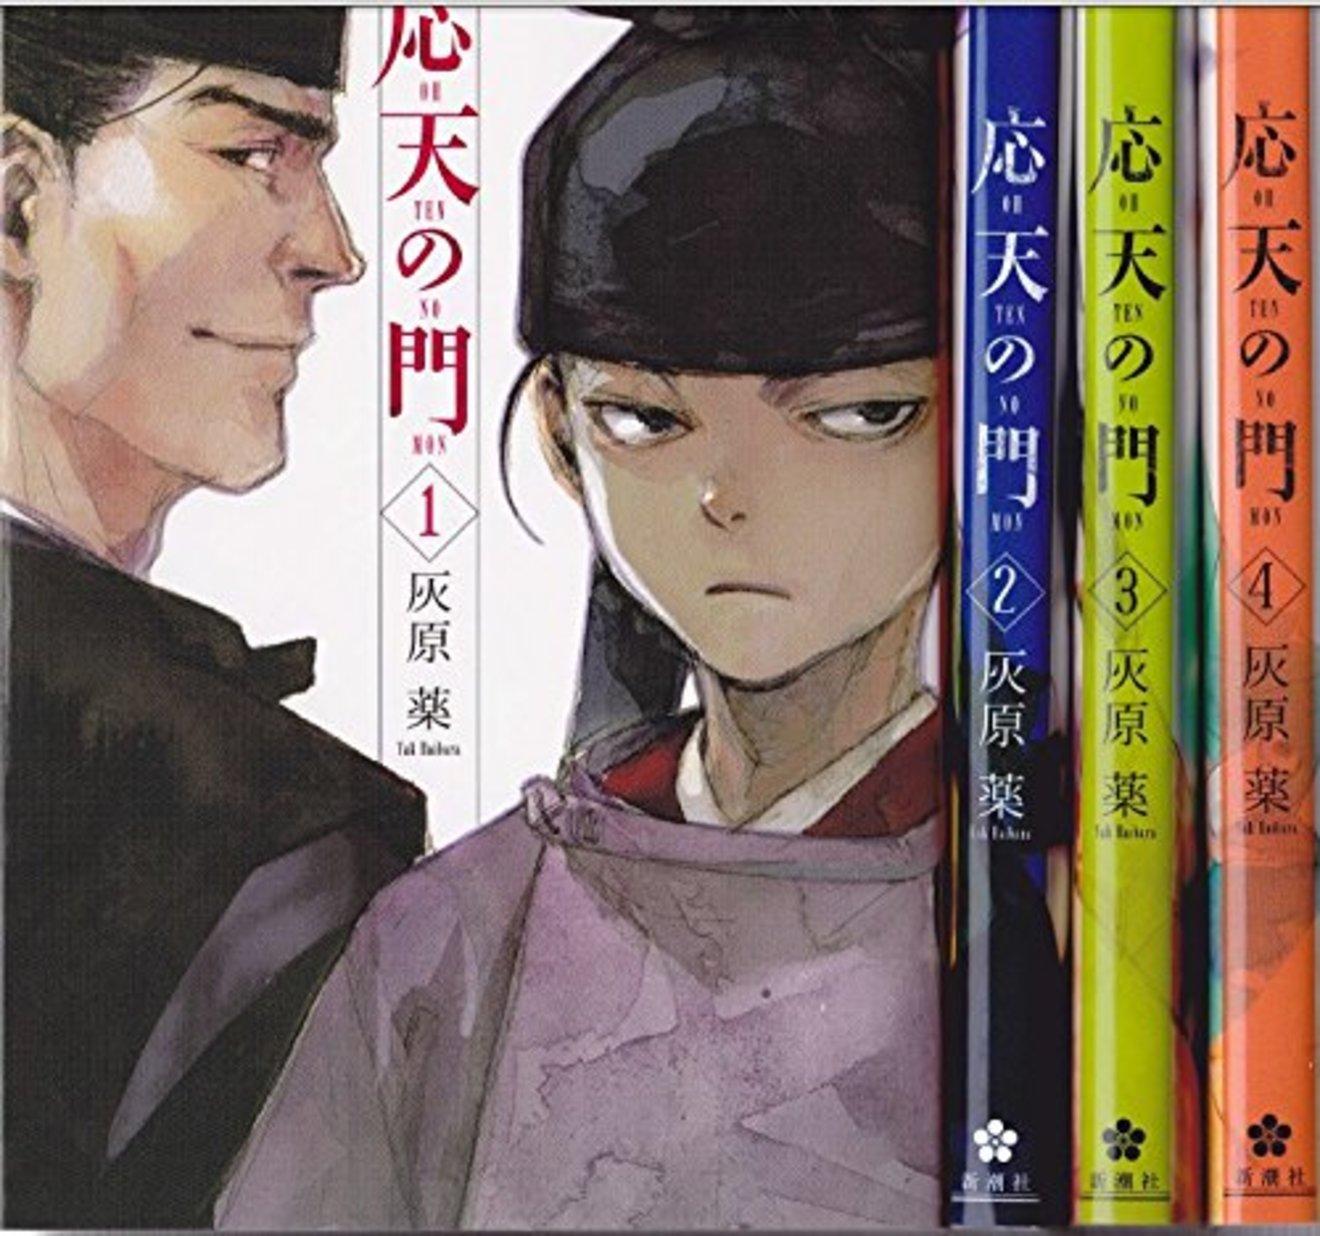 無料で読める漫画『応天の門』の魅力を8巻までネタバレ!謎解き+歴史考察?